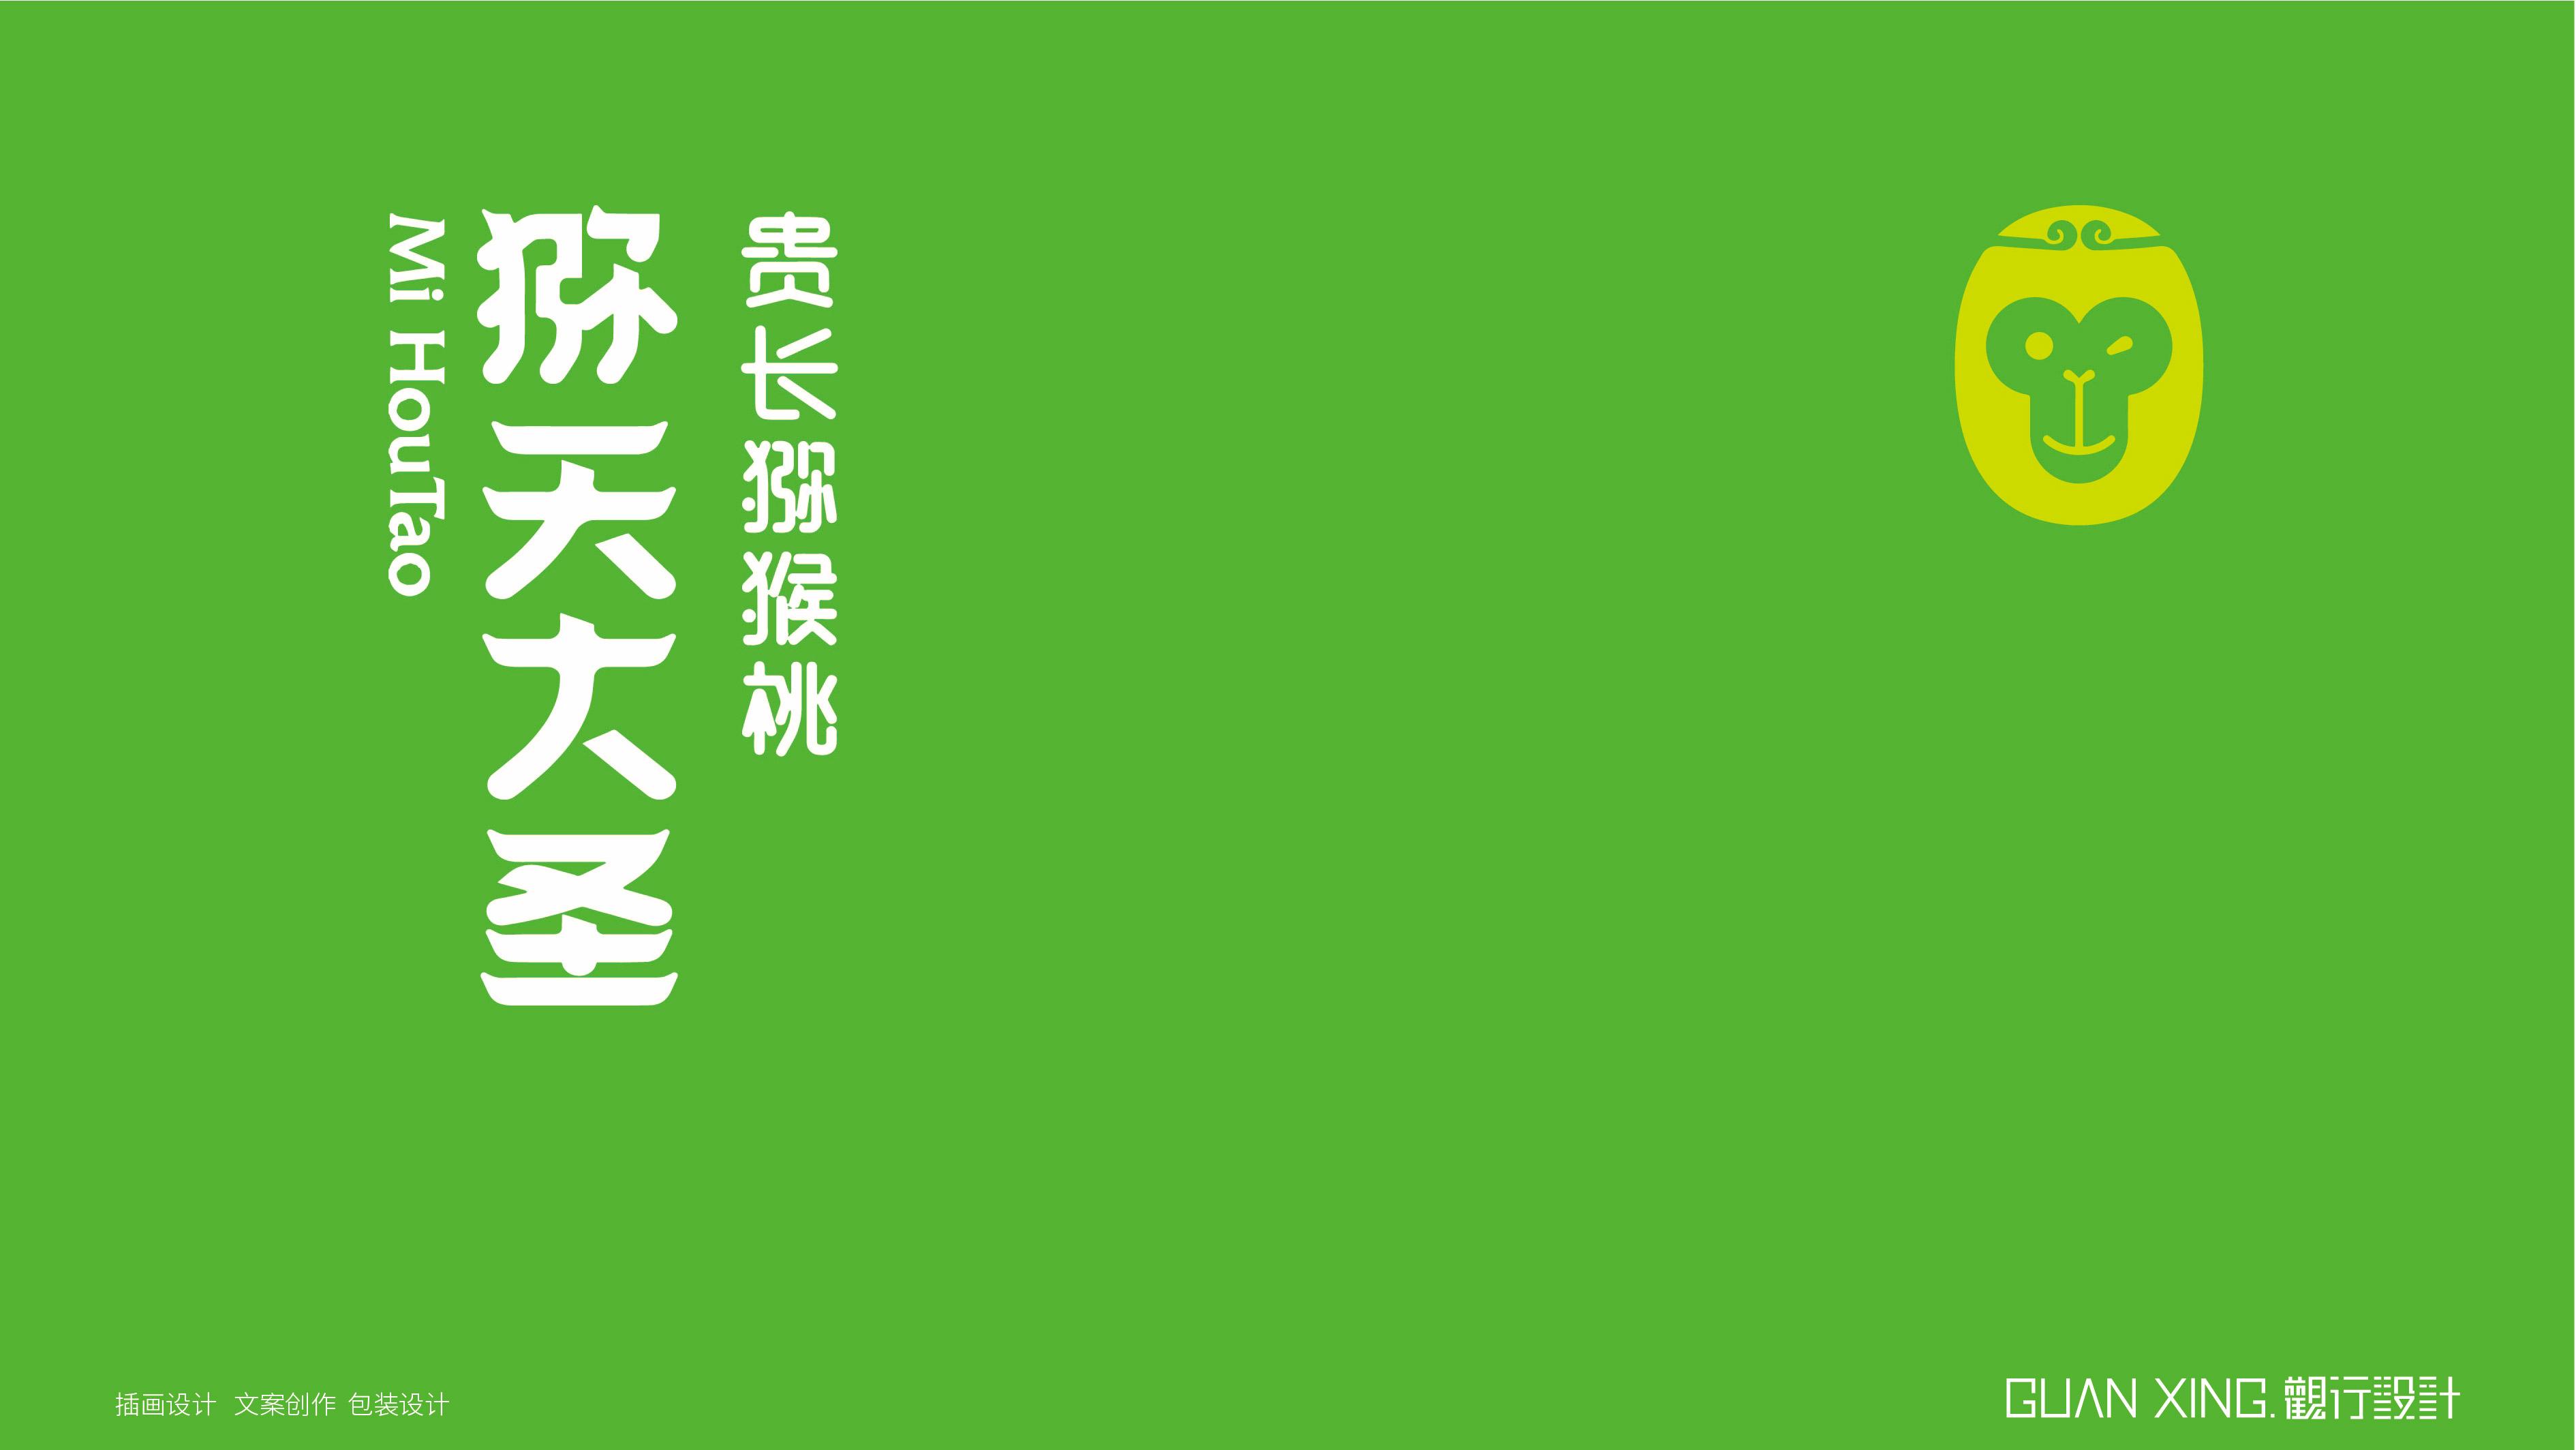 洪9獼猴桃-洪9獼猴桃-01